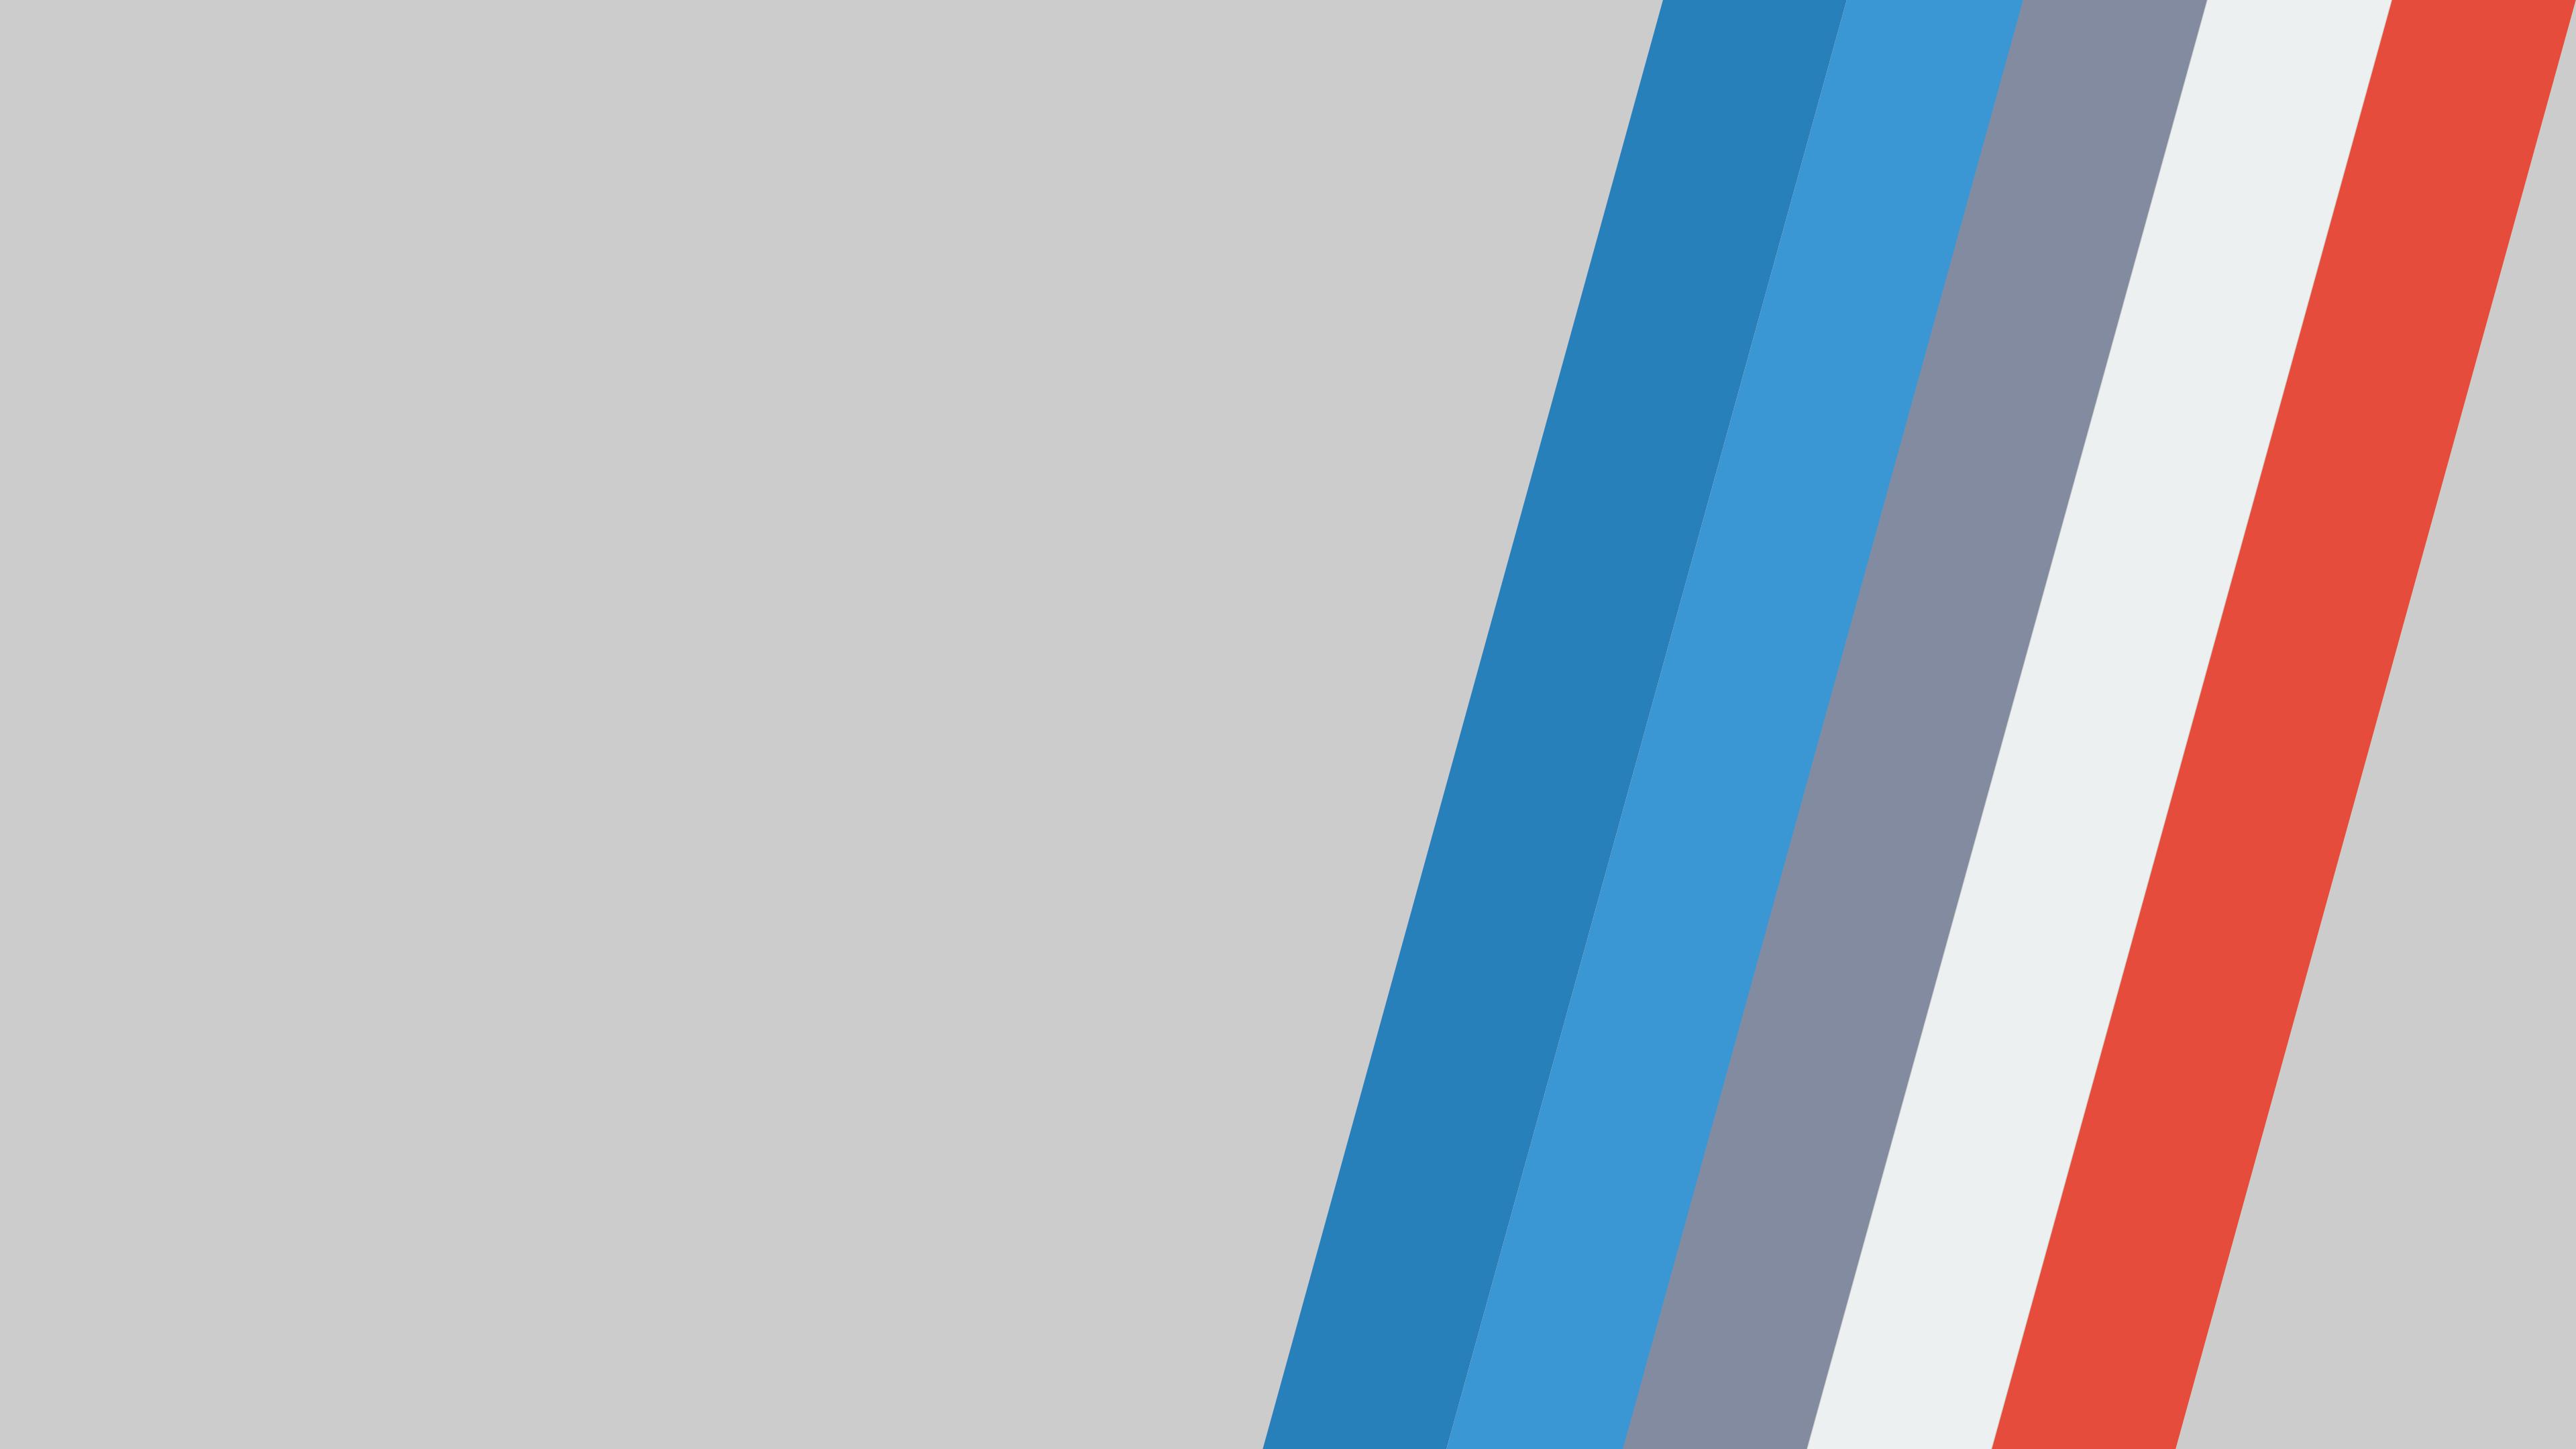 Simple Wallpaper, YJ88 4K Ultra HD Wallpapers For Desktop